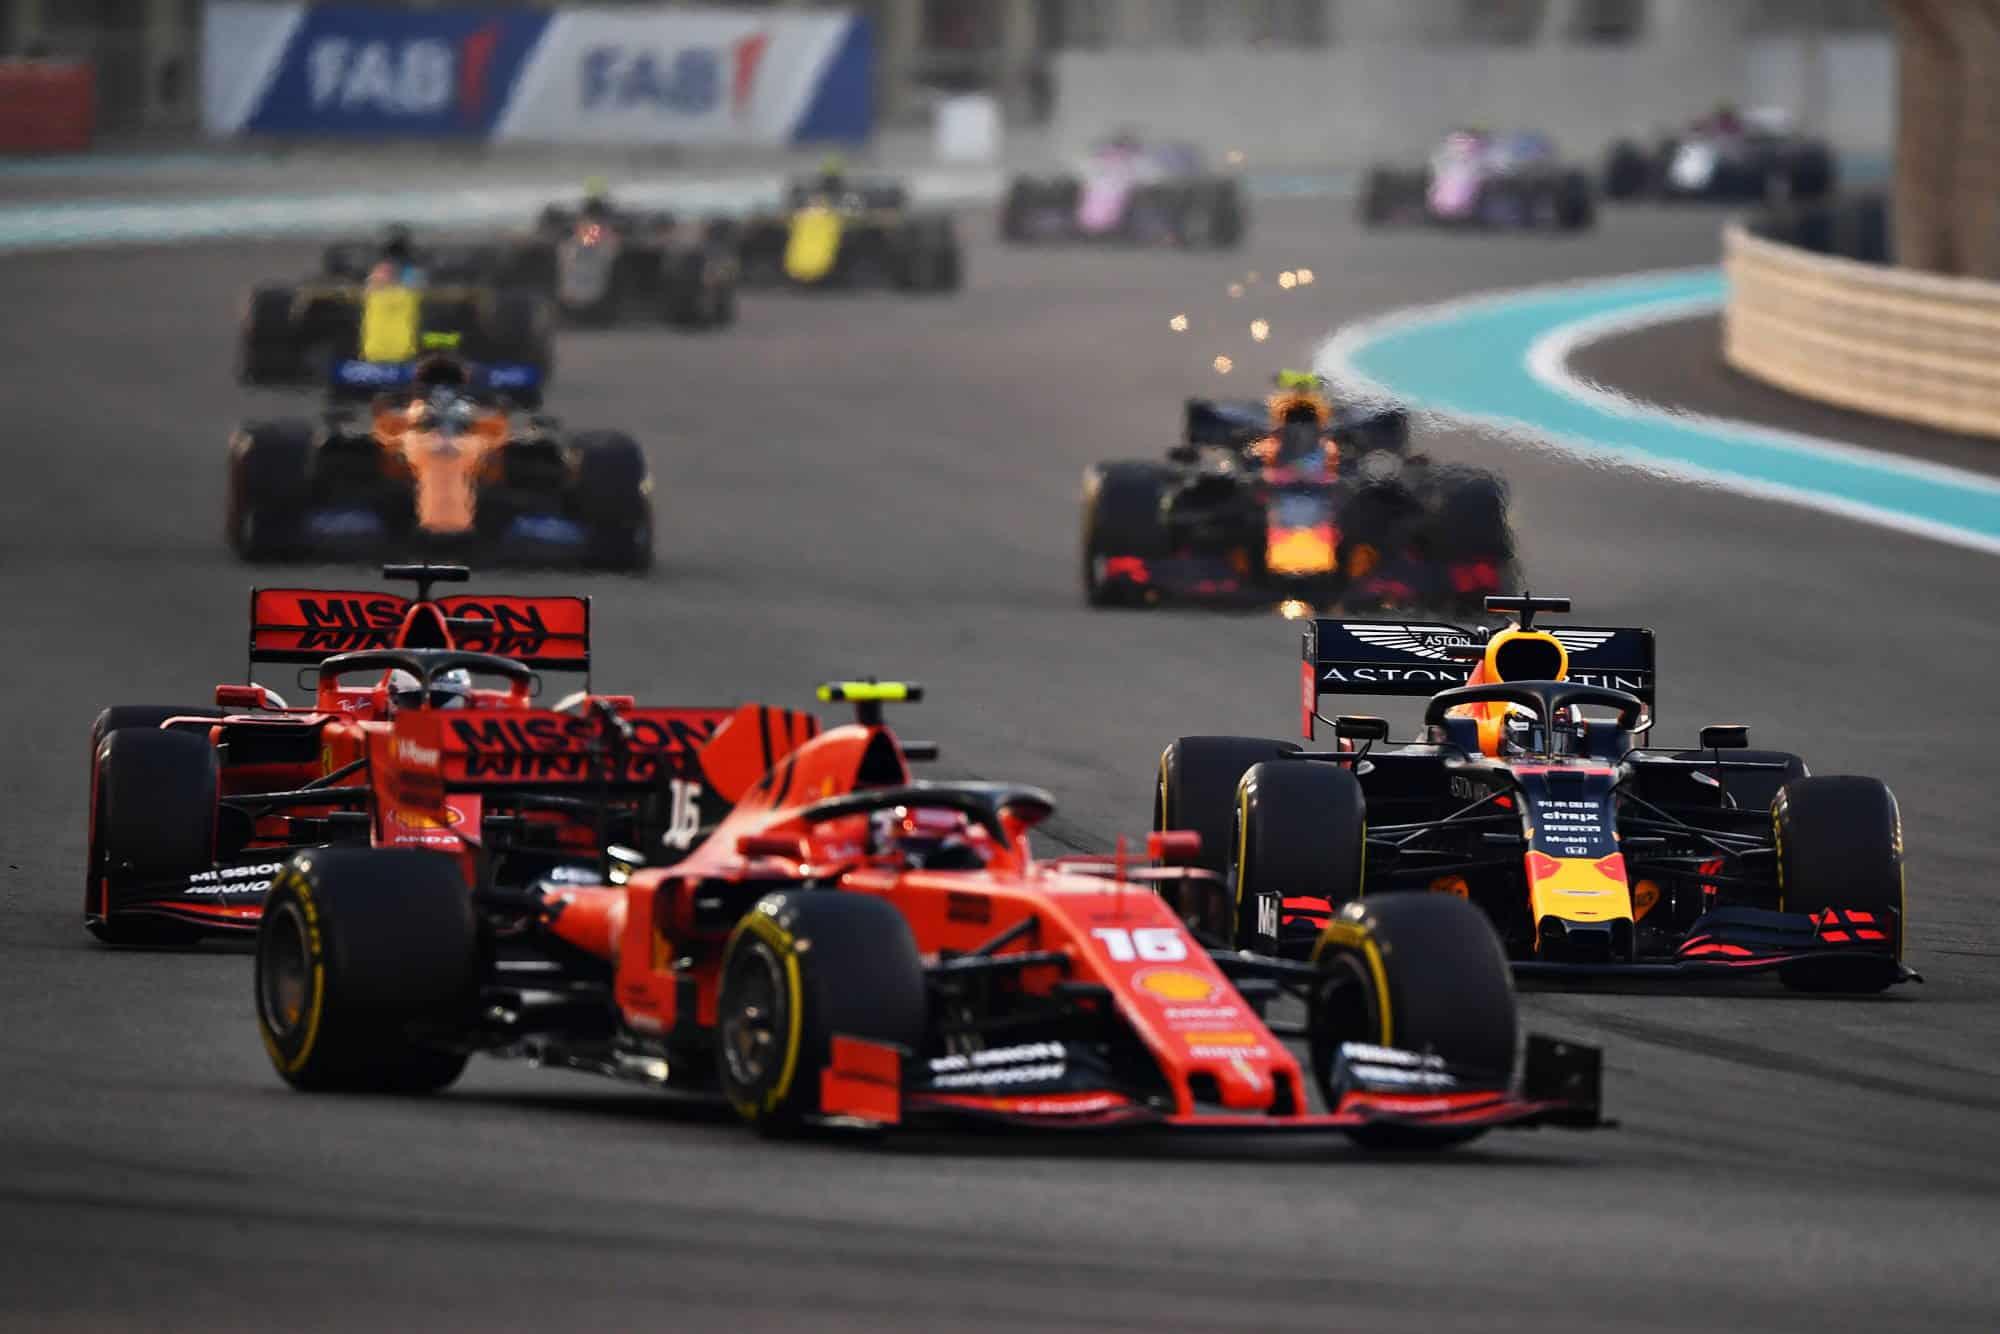 2019 Abu Dhabi GP Verstappen battling Leclerc and Vettel Photo Red Bull